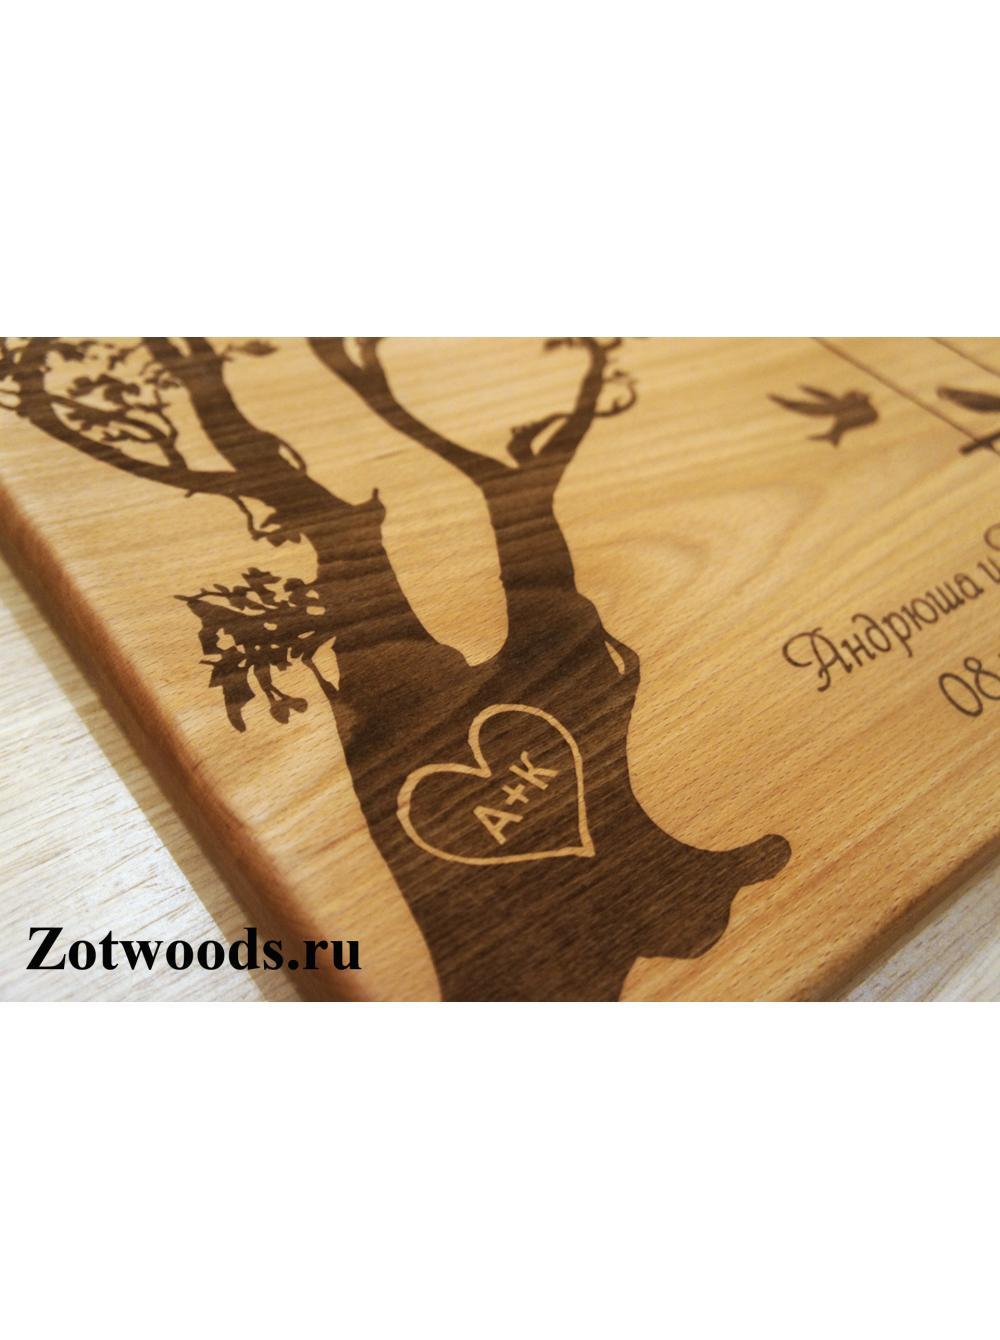 Прикольный подарок на деревянную свадьбу друзьям 75